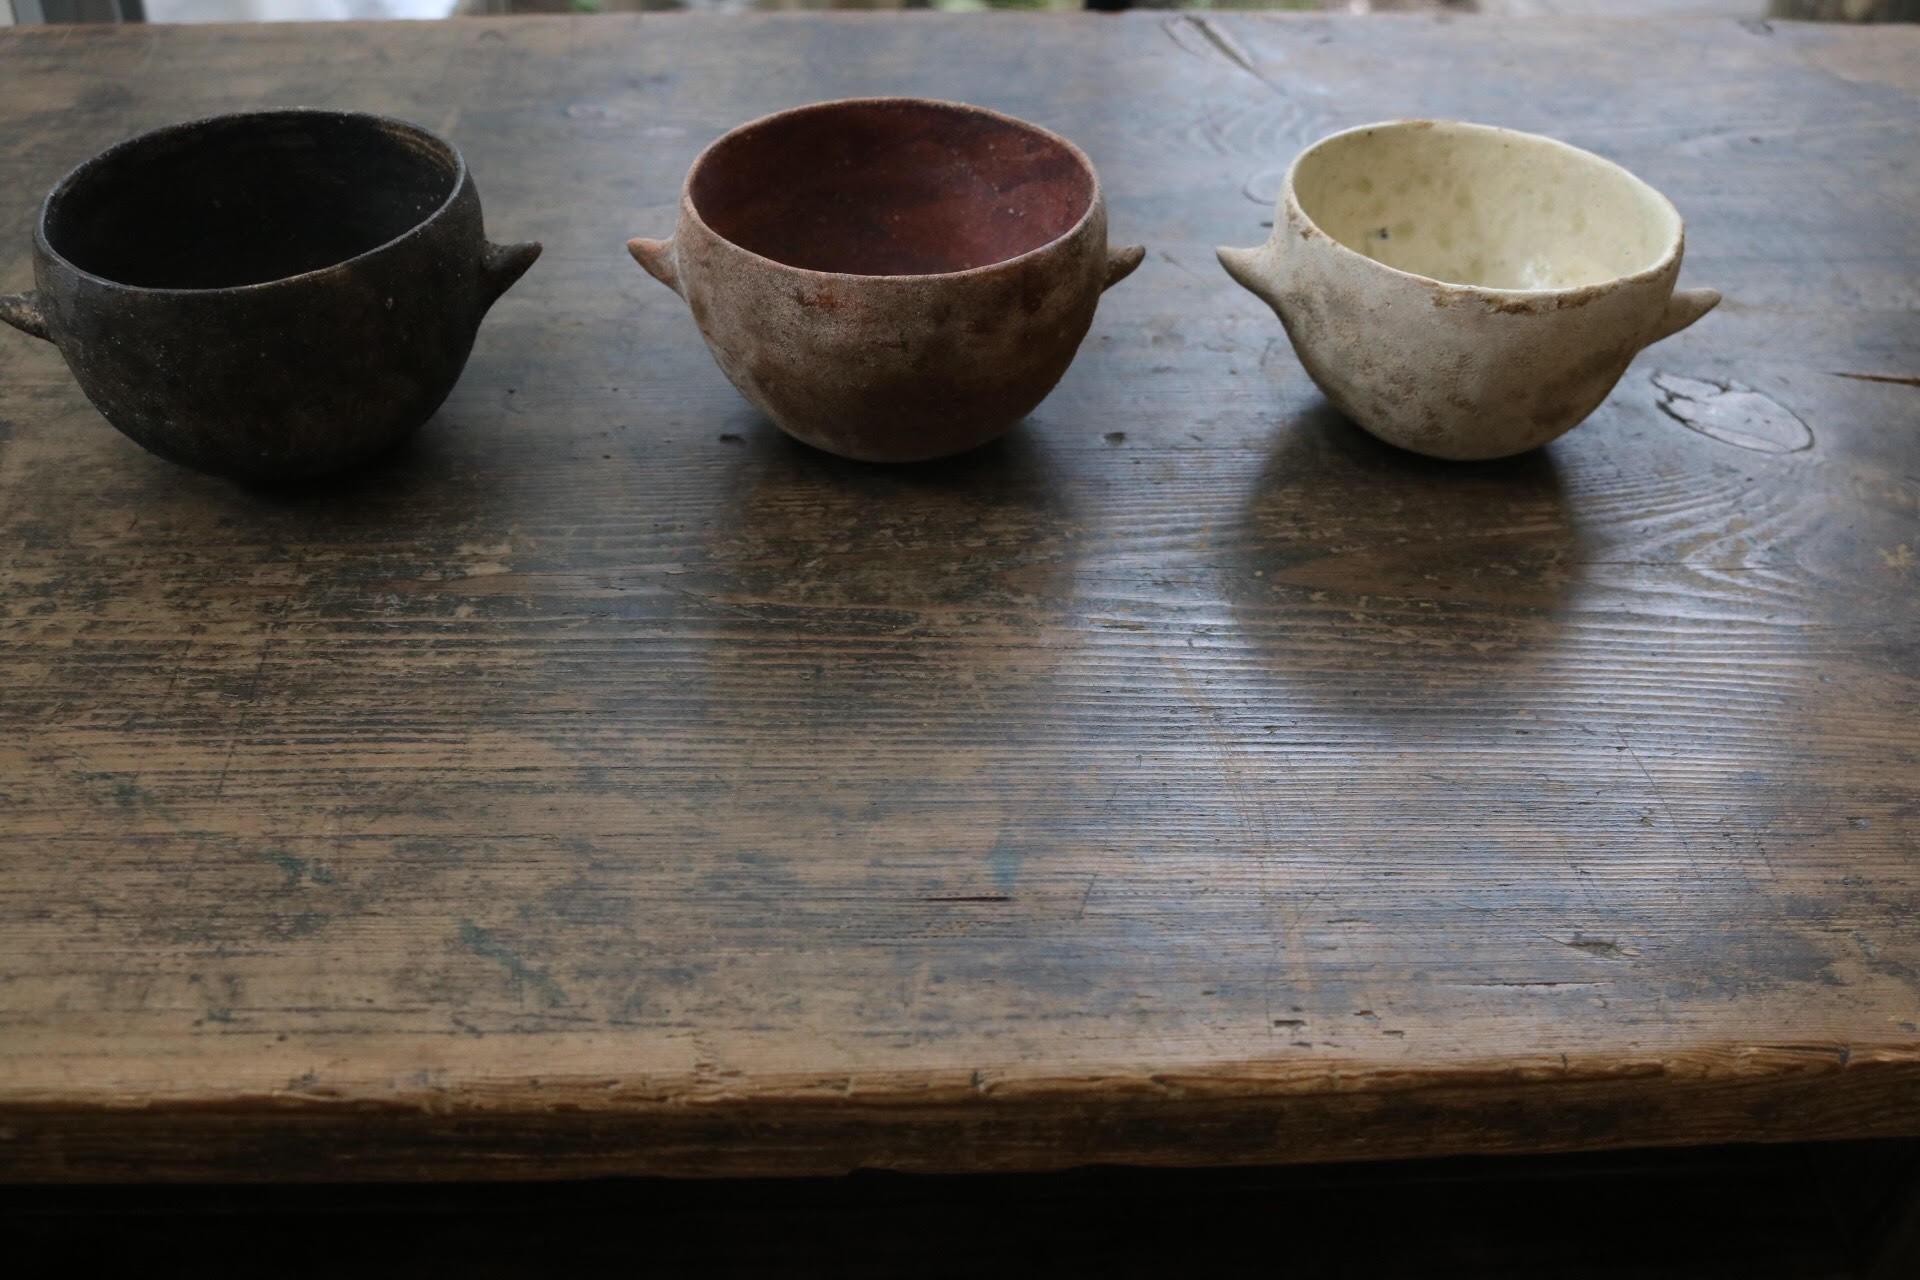 水谷さんの炻器は、表面に色彩を施し焼き締め、独特の質感を表現されています。